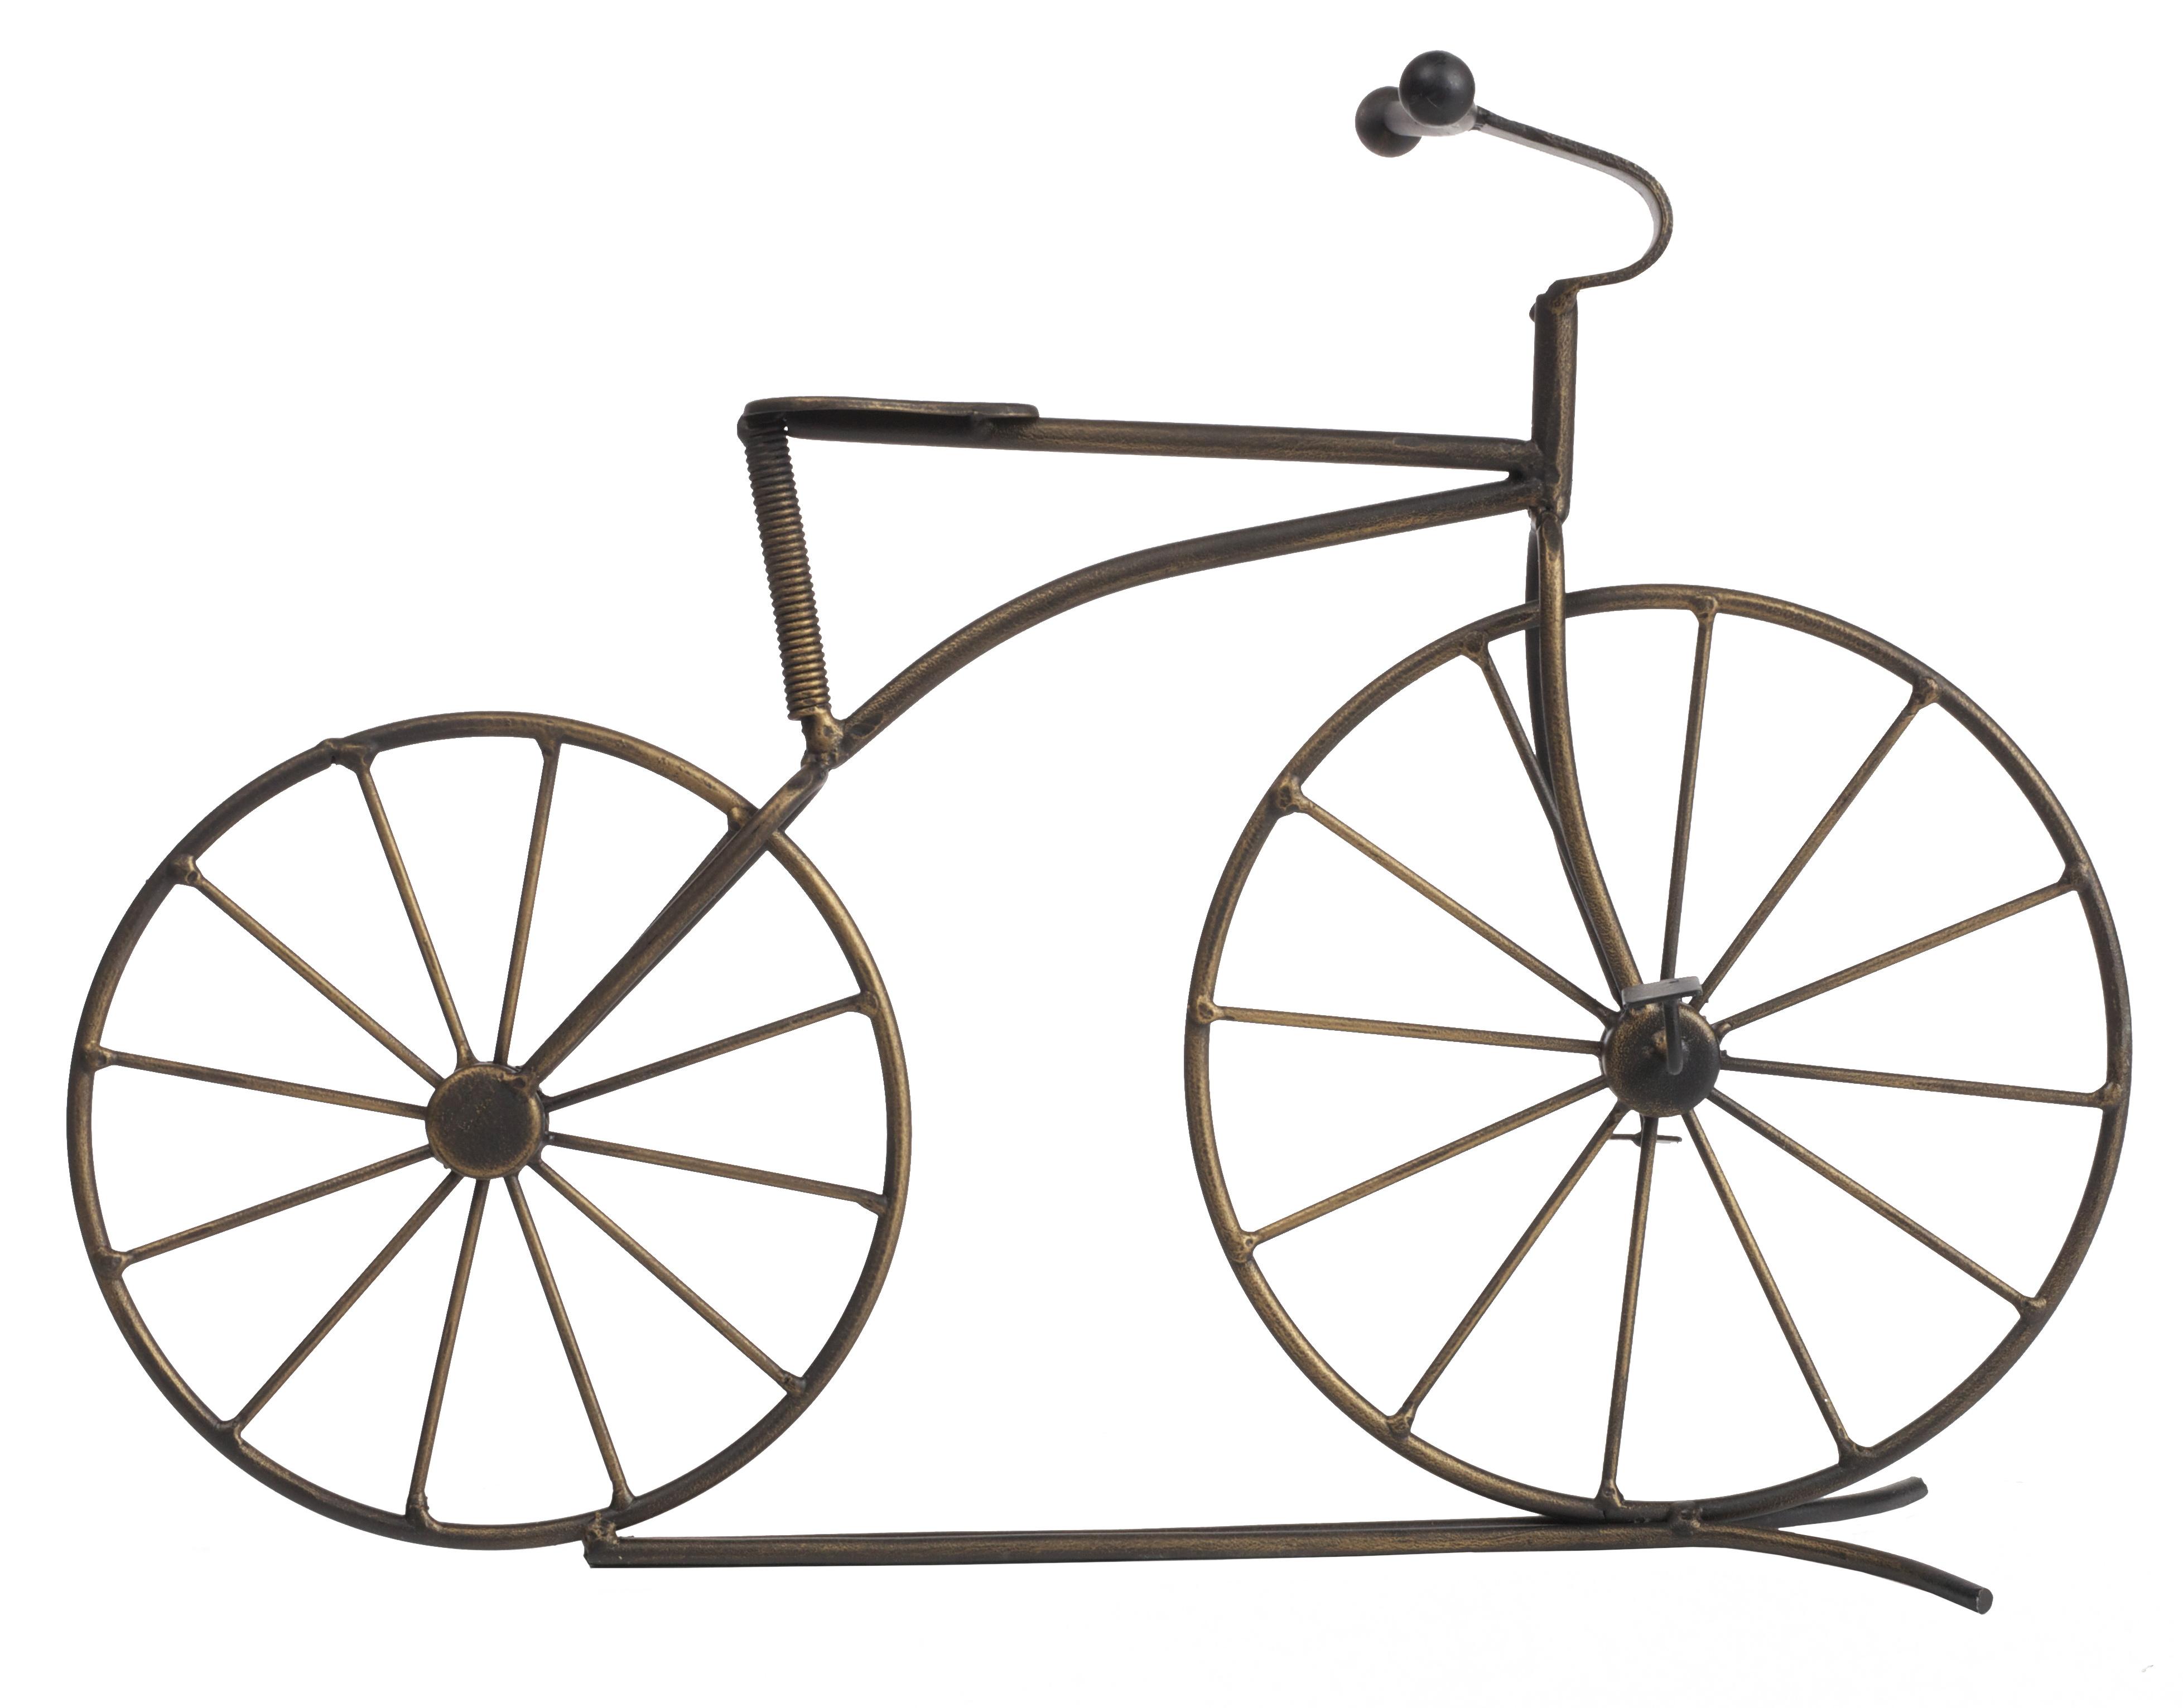 Предмет декора Garden BicycleДругое<br>Старинный велосипед, выполненный из металла, в качестве предмета декора заставит порадоваться любителей старинных вещей и вам захочется купить этот оригинальный предмет для себя, либо подарить близким людям.<br><br>Material: Металл<br>Width см: 39<br>Height см: 29